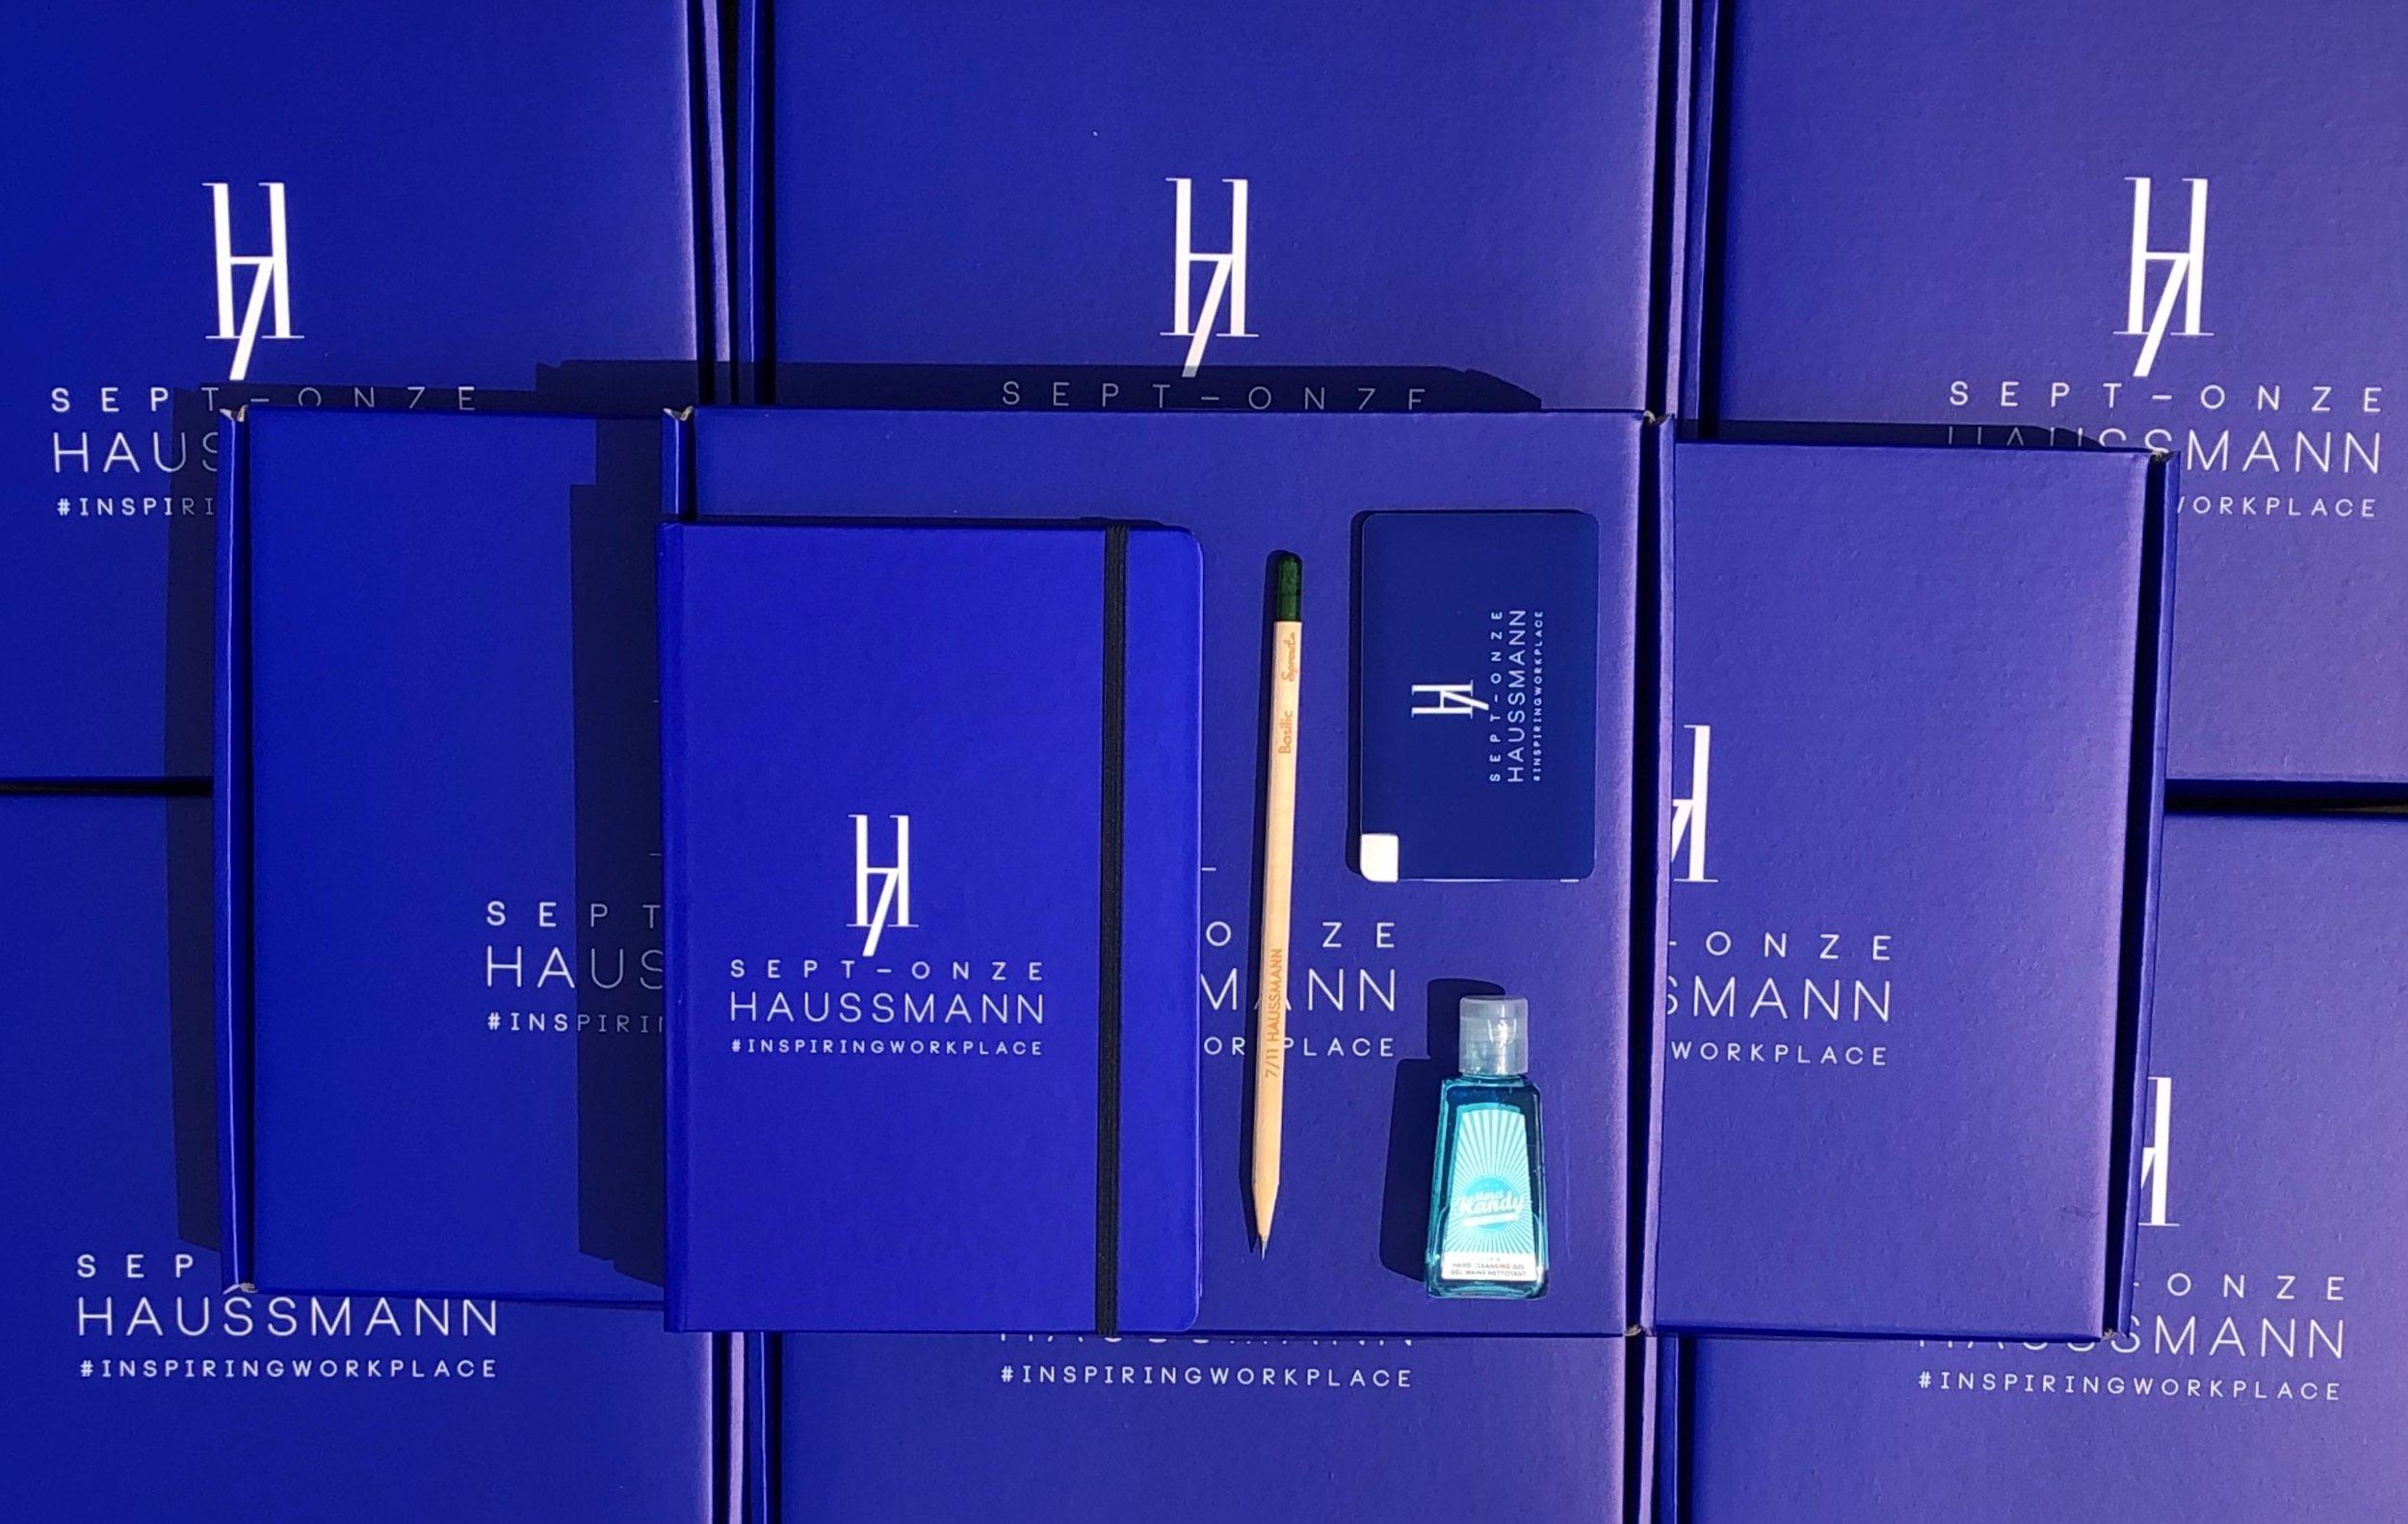 Welcome Pack - 7/11 Haussmann